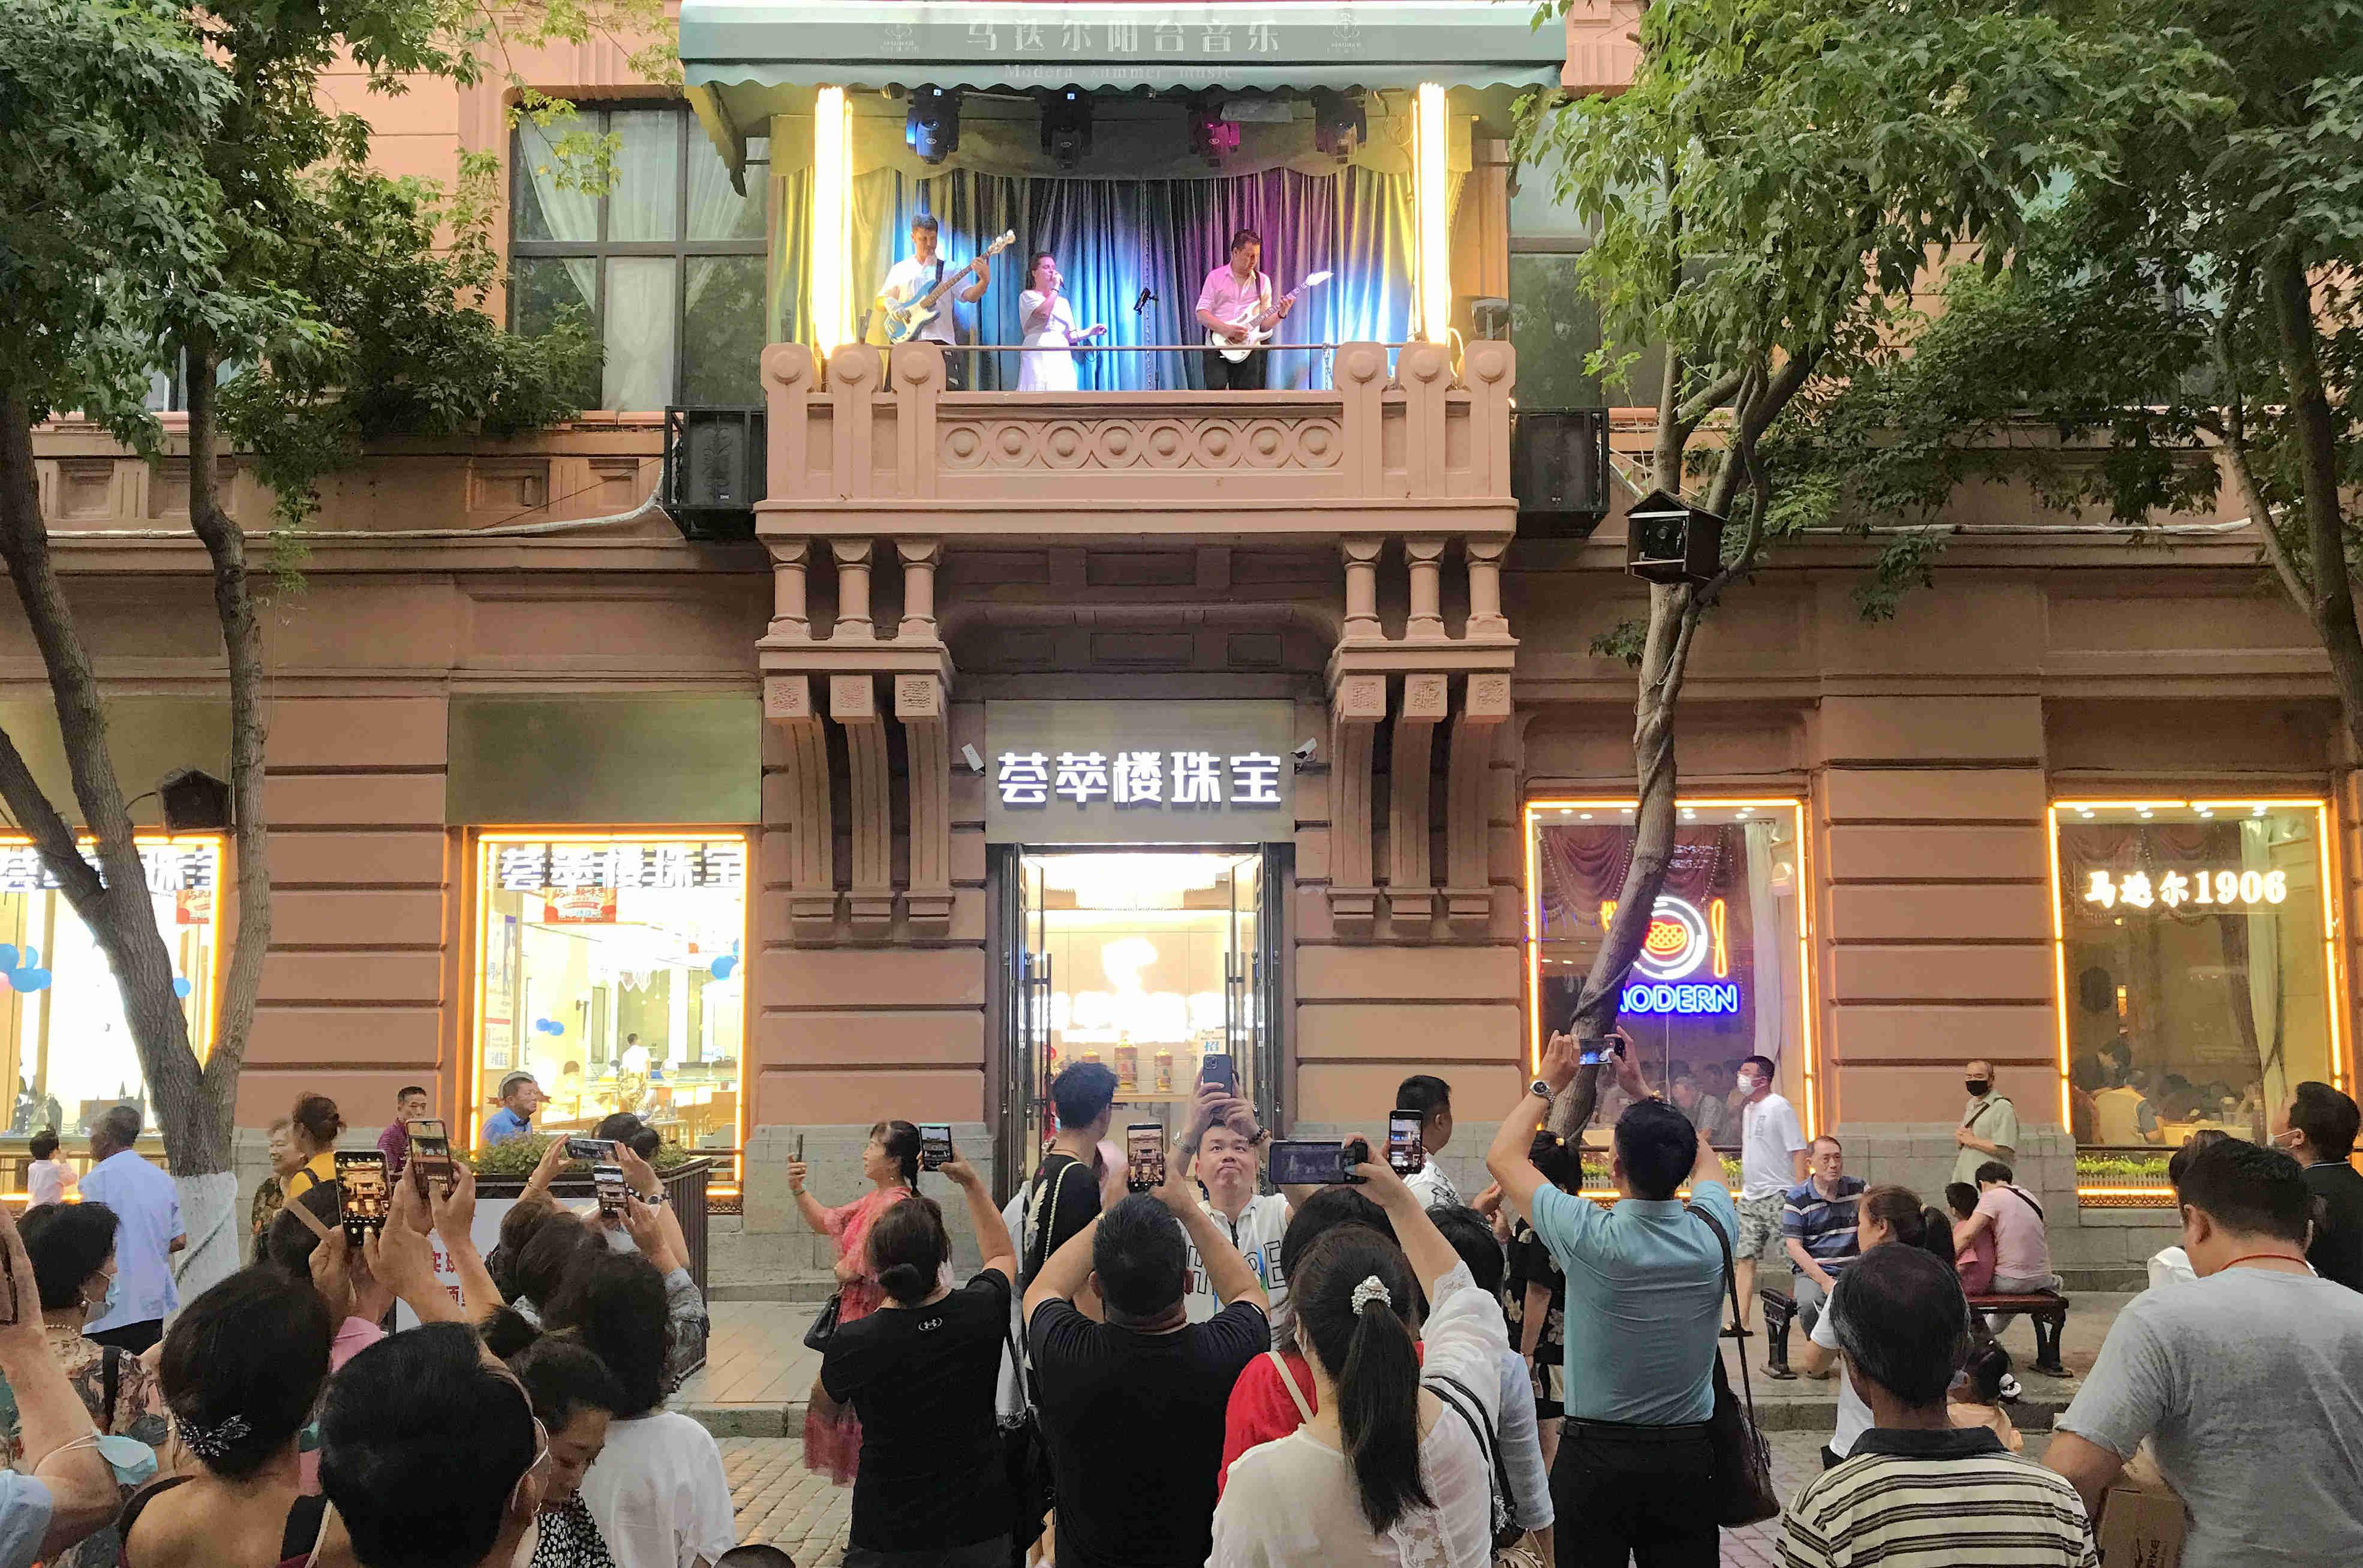 近日,在哈尔滨市的百年老街中央大街上,第14届马迭尔阳台音乐会的歌声再度响起。音乐家们通过流行音乐和经典旋律相结合的表演形式,通过欢快又不失悠扬的旋律,引起围观者的情感共鸣,赢得阵阵掌声,让哈尔滨的夏夜飘荡起浪漫的氛围。